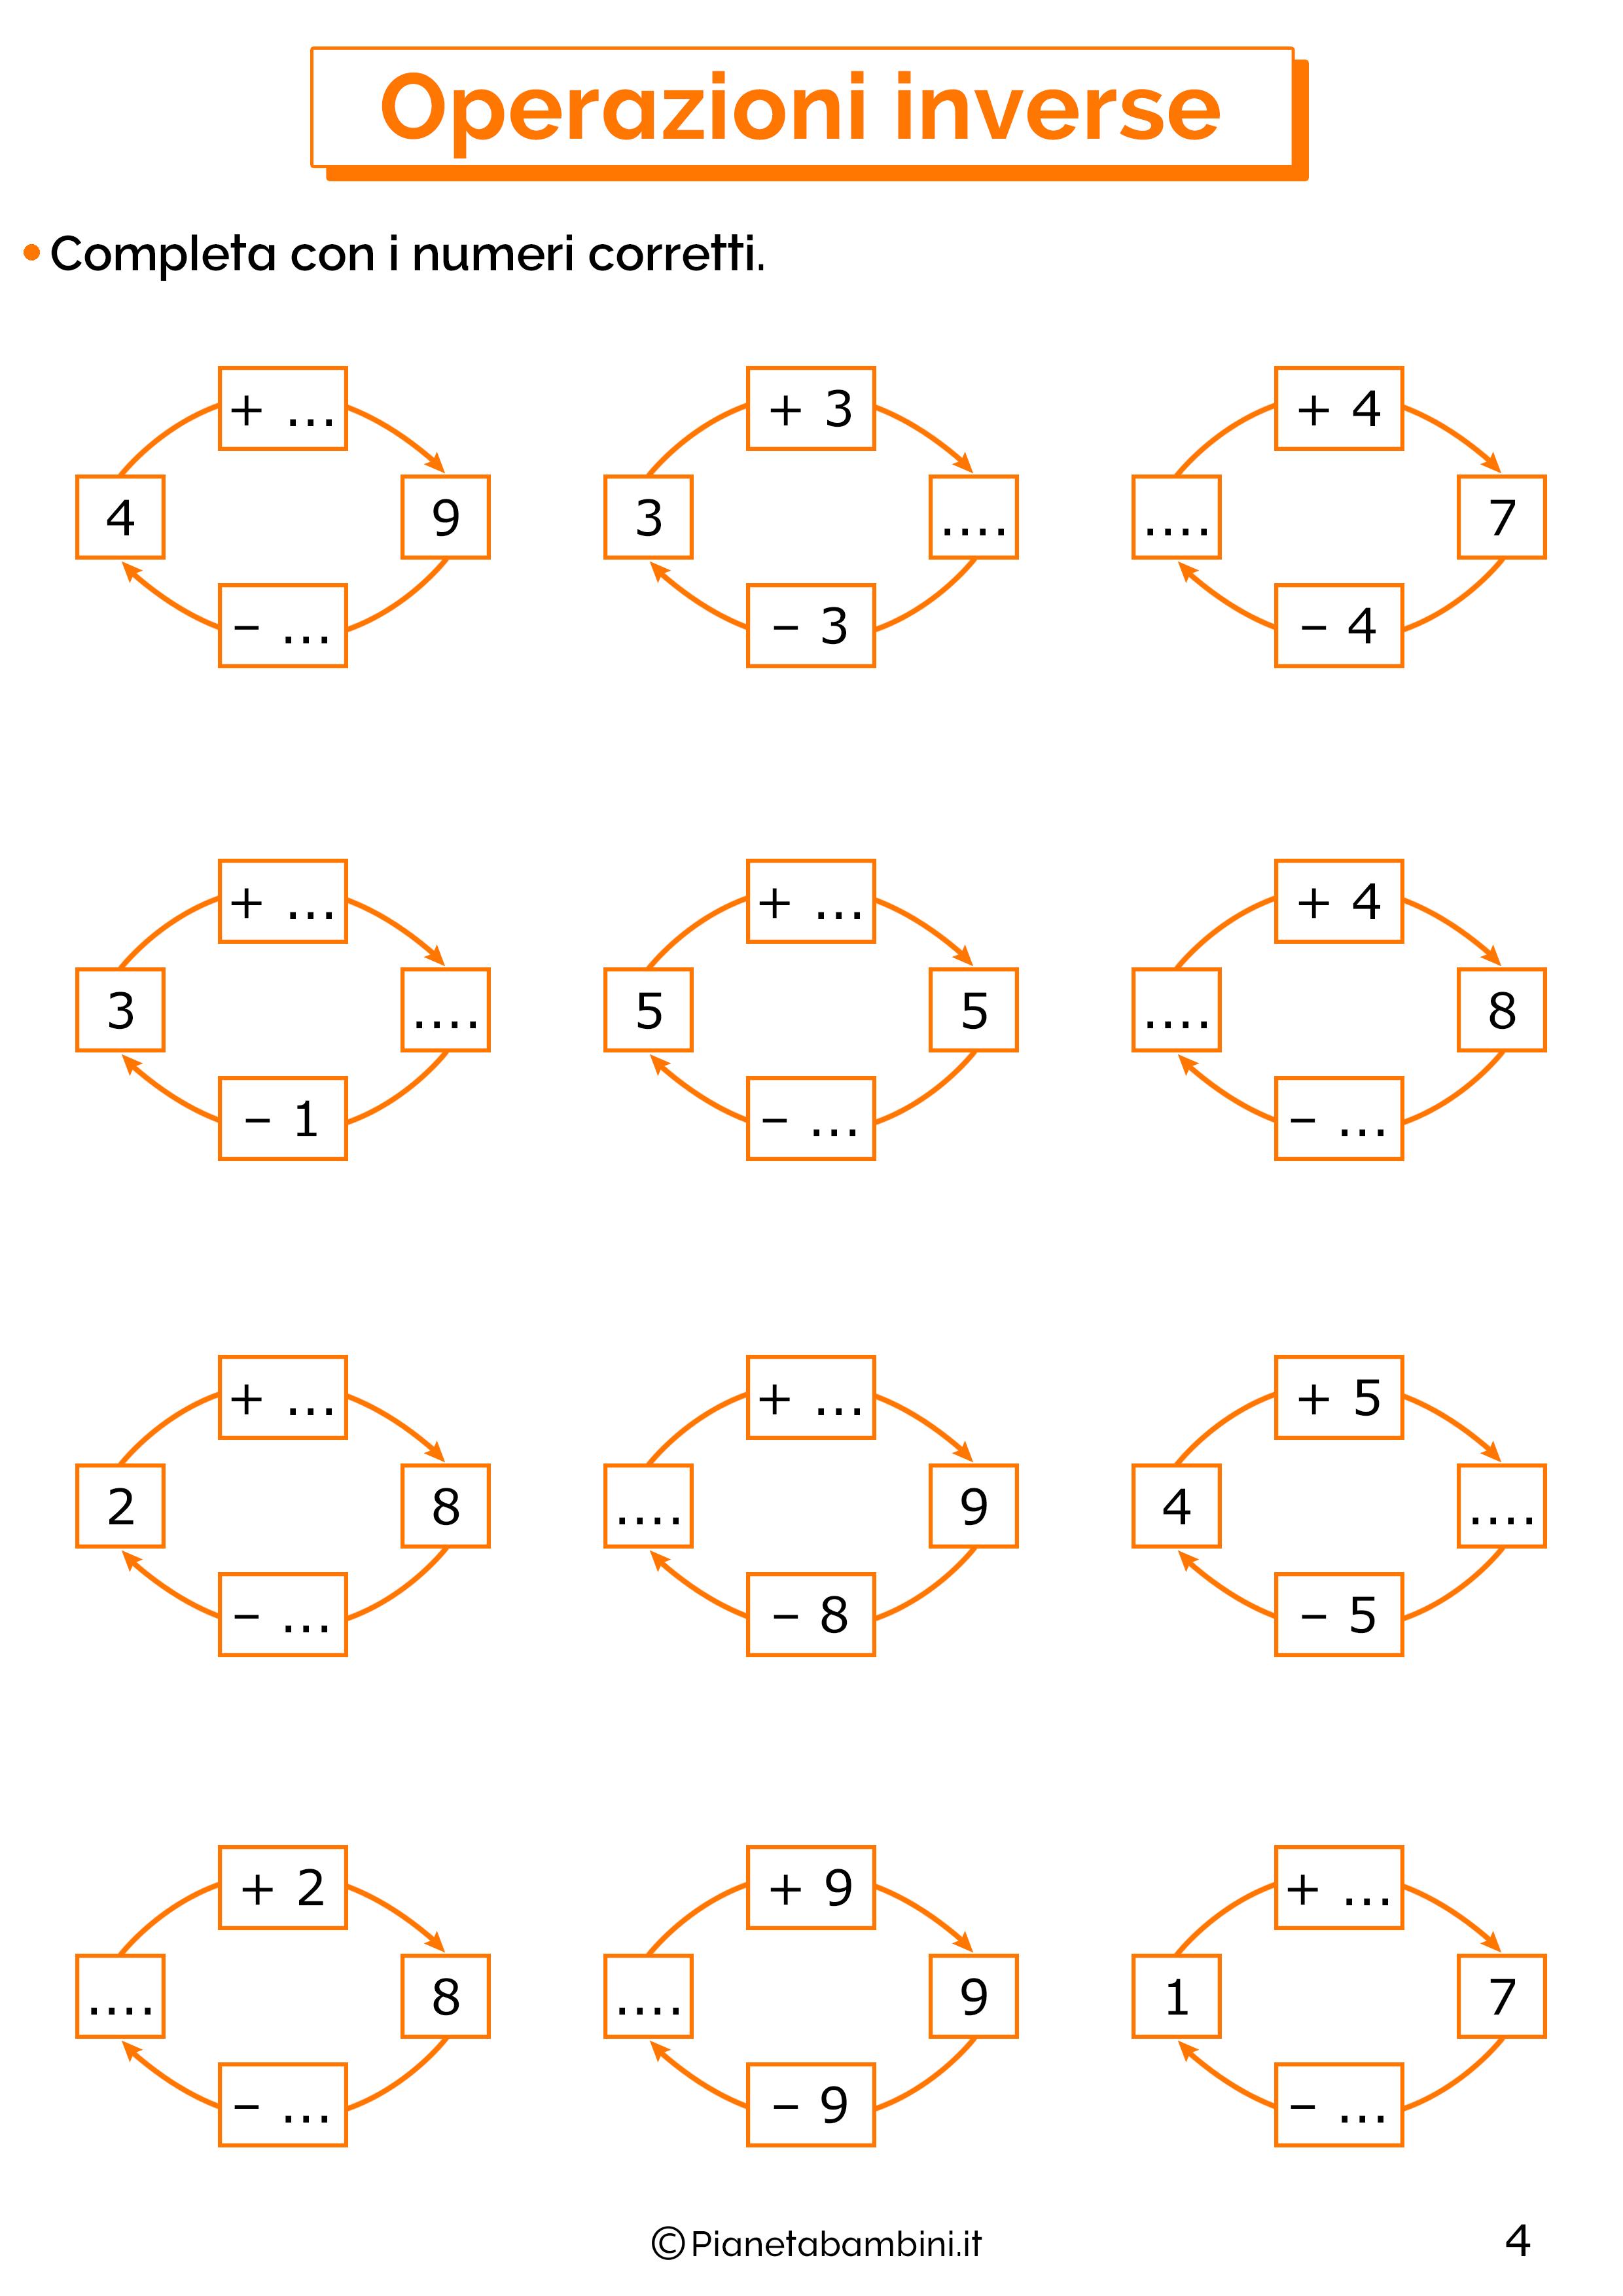 Schede didattiche sulle operazioni inverse 04